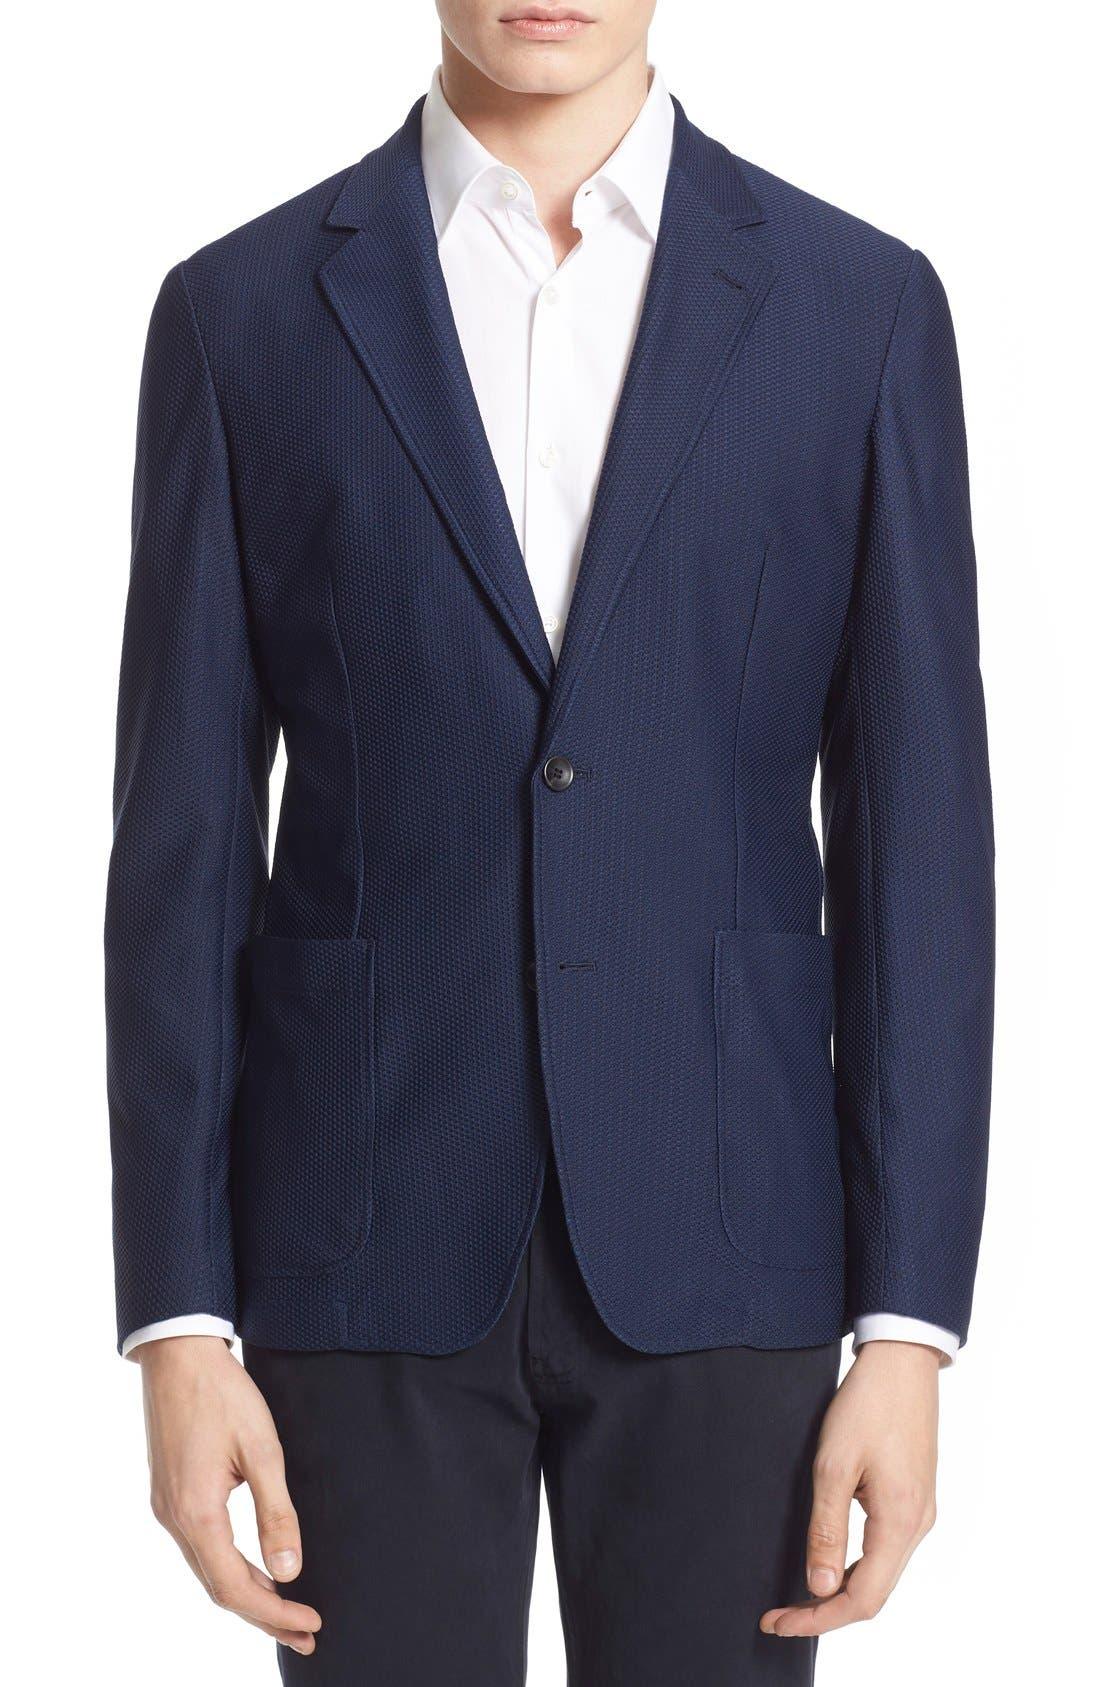 ARMANI COLLEZIONI Trim Fit Textured Stretch Knit Sport Coat